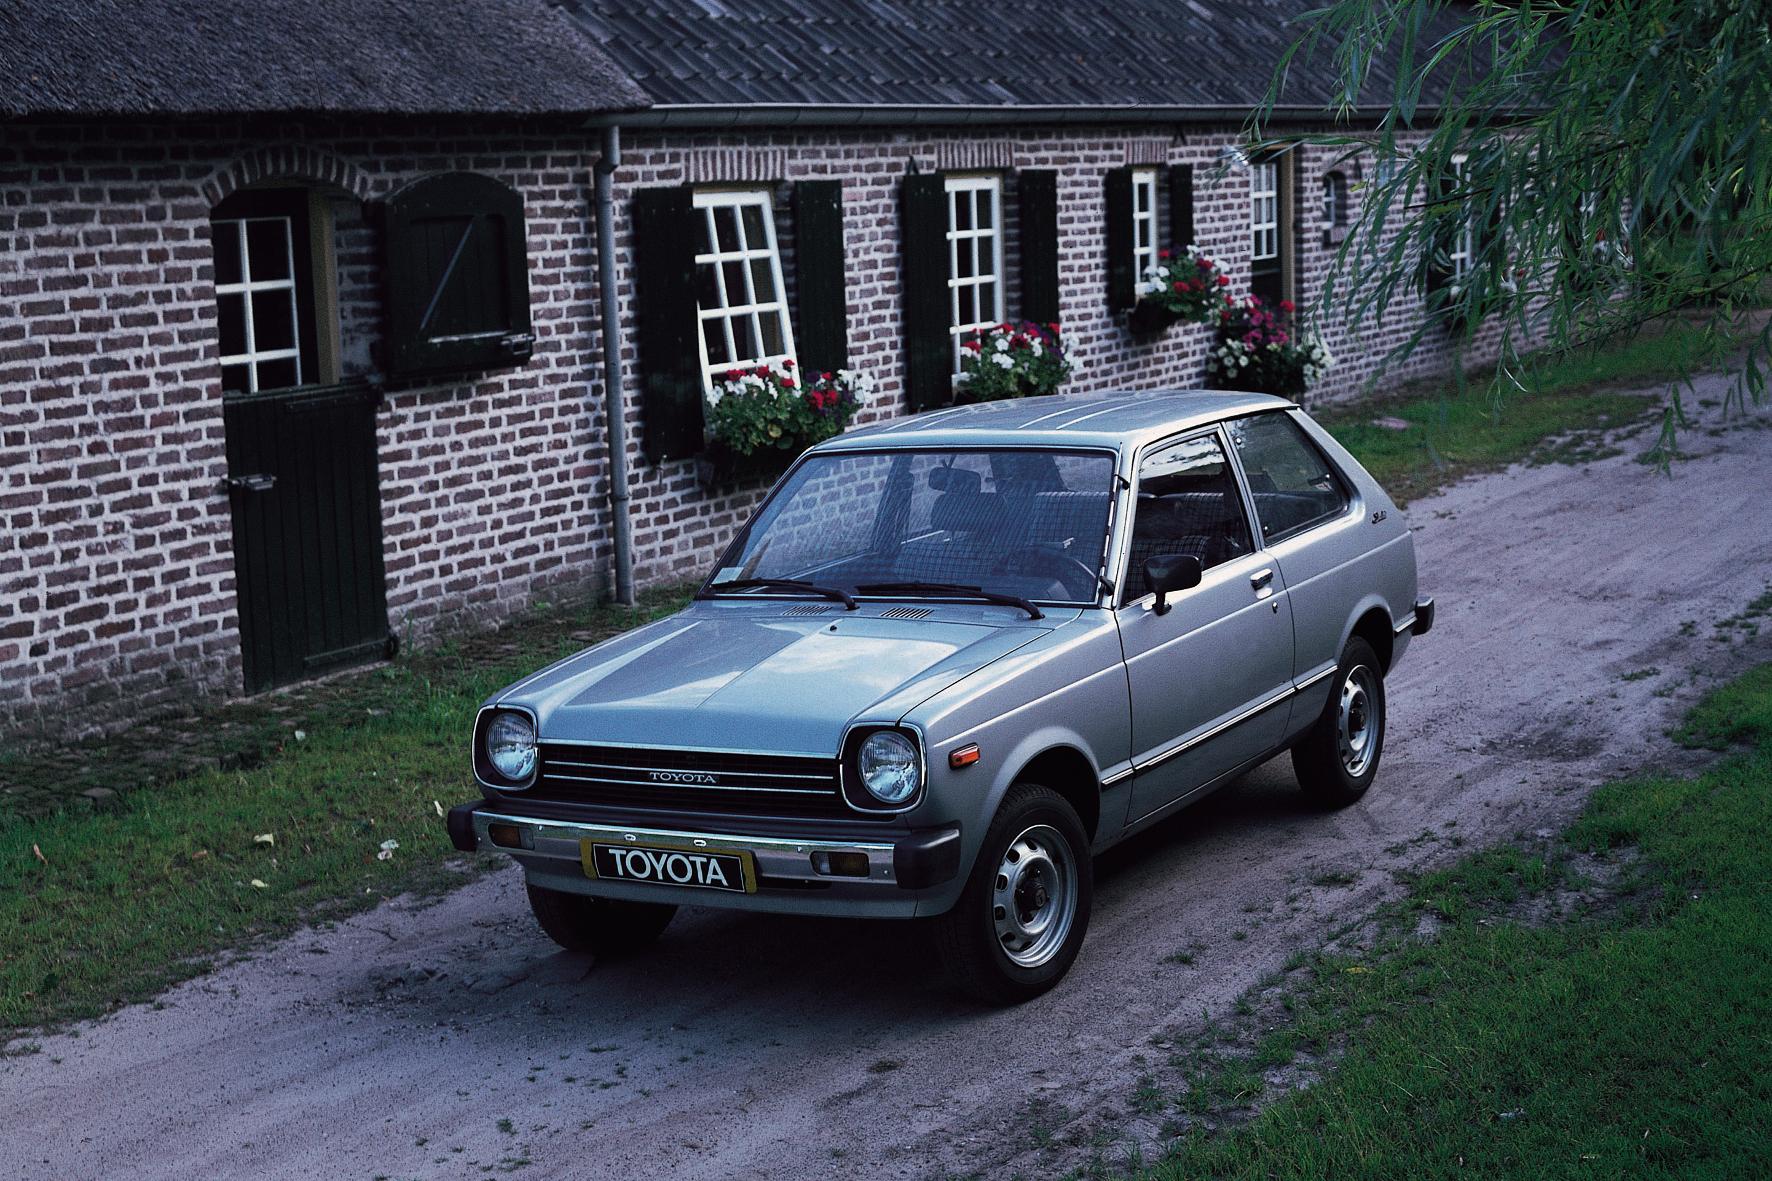 Der Kleinwagen Publica wird von 1971 bis 1978 als Toyota 1000 in Europa als Limousine und Kombi angeboten und ist in der Sammlung zu bewundern.